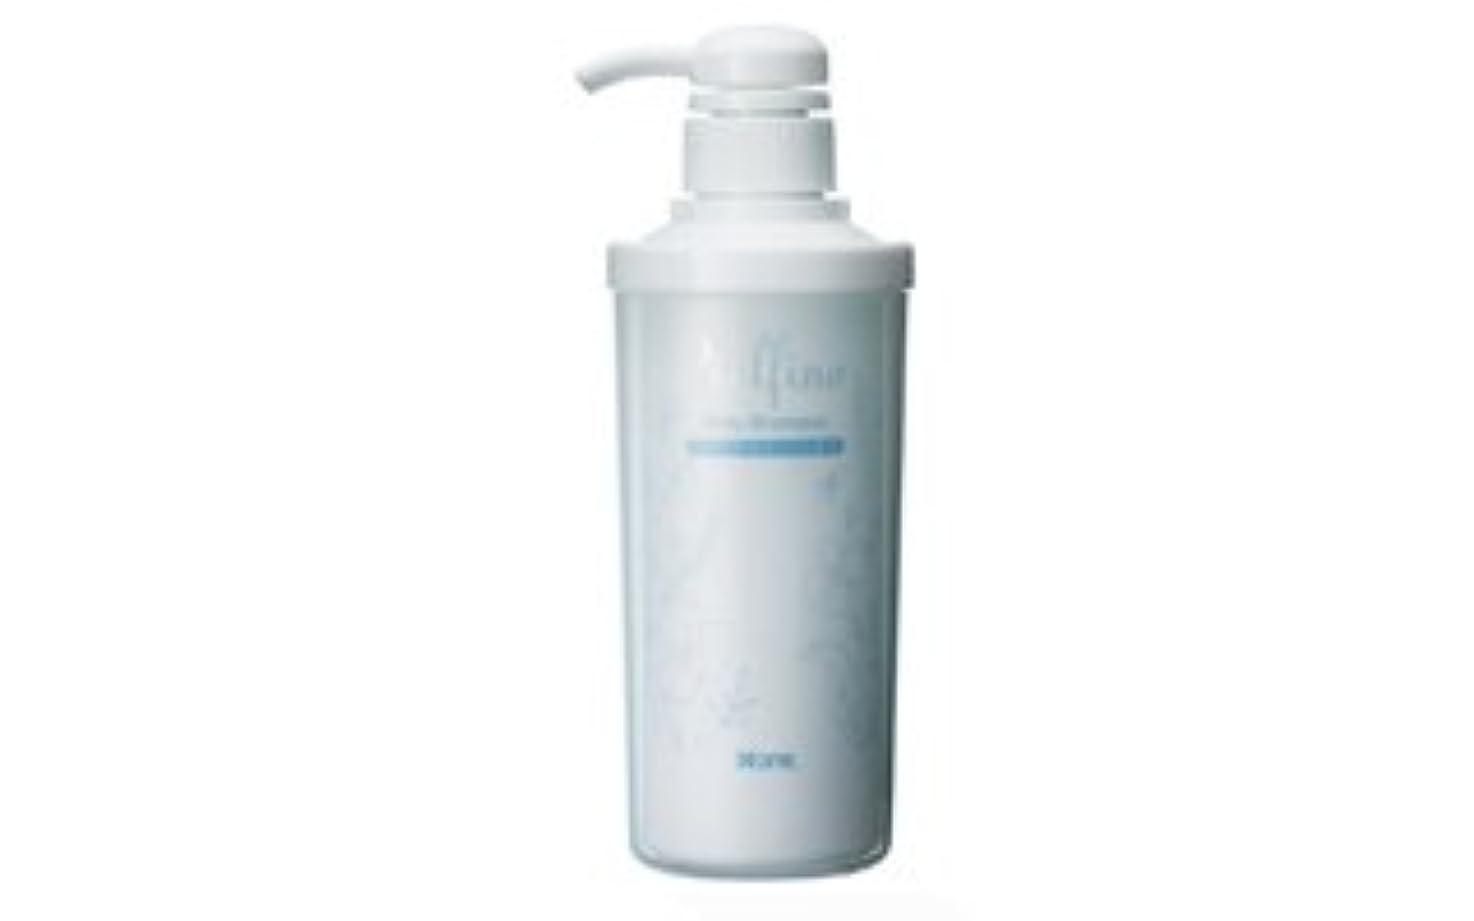 刈り取る変換良さピルフィーノ ボディシャンプー 植物成分配合 詰替専用容器付き[弱酸性](300mL)